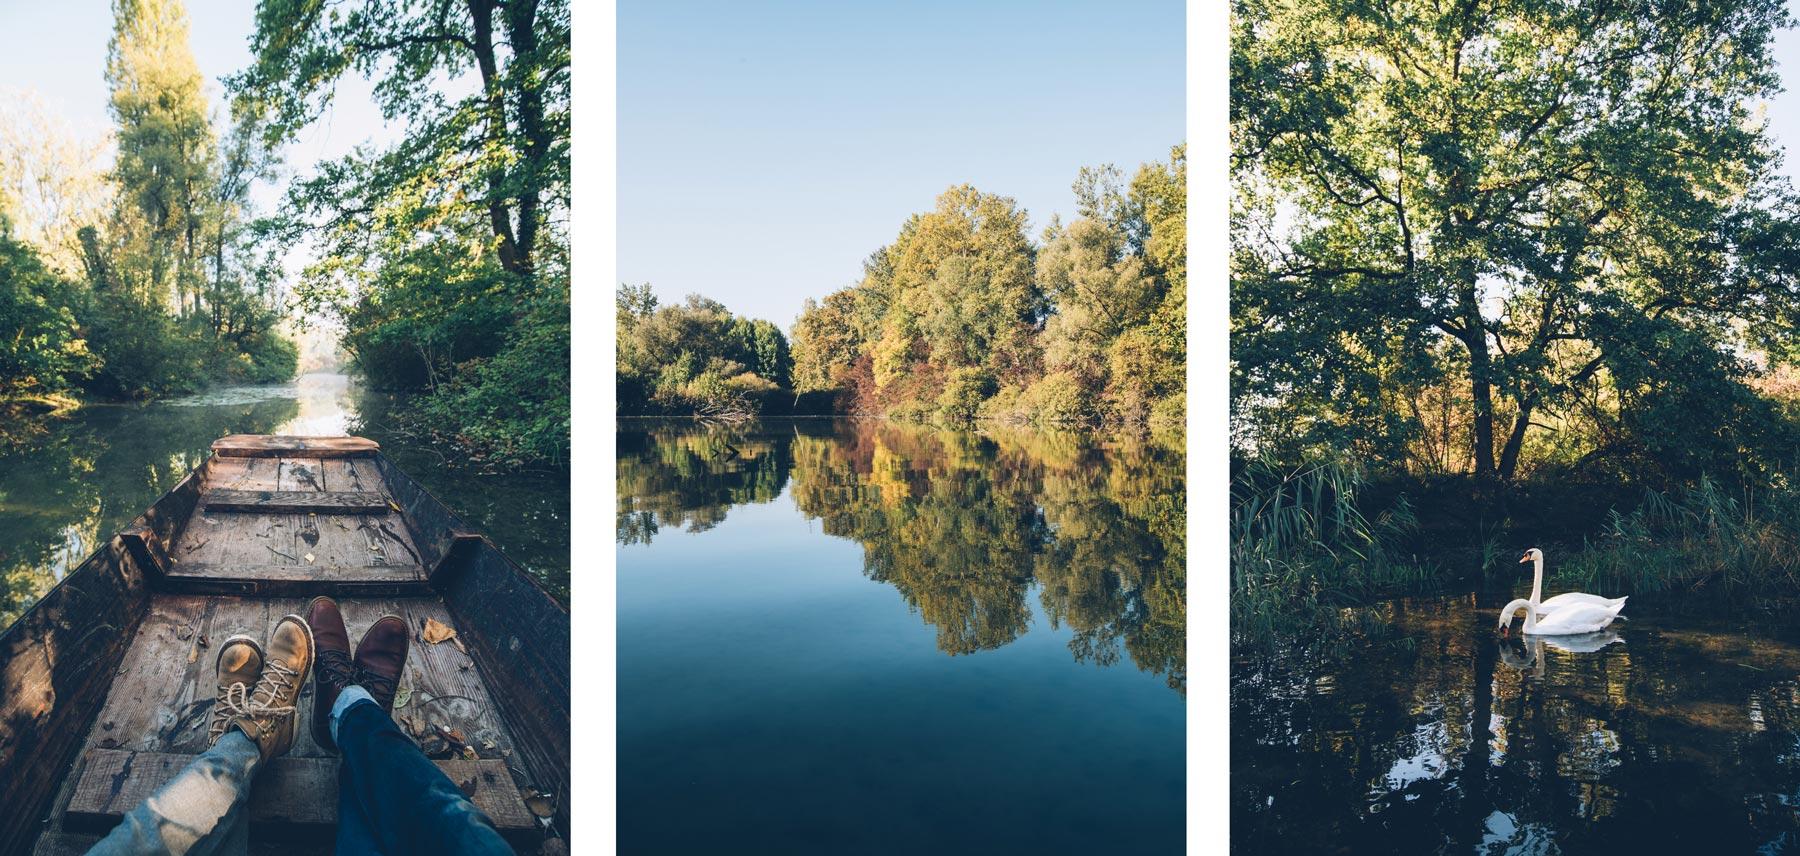 Balade nature près de Strasbourg à Rhinau